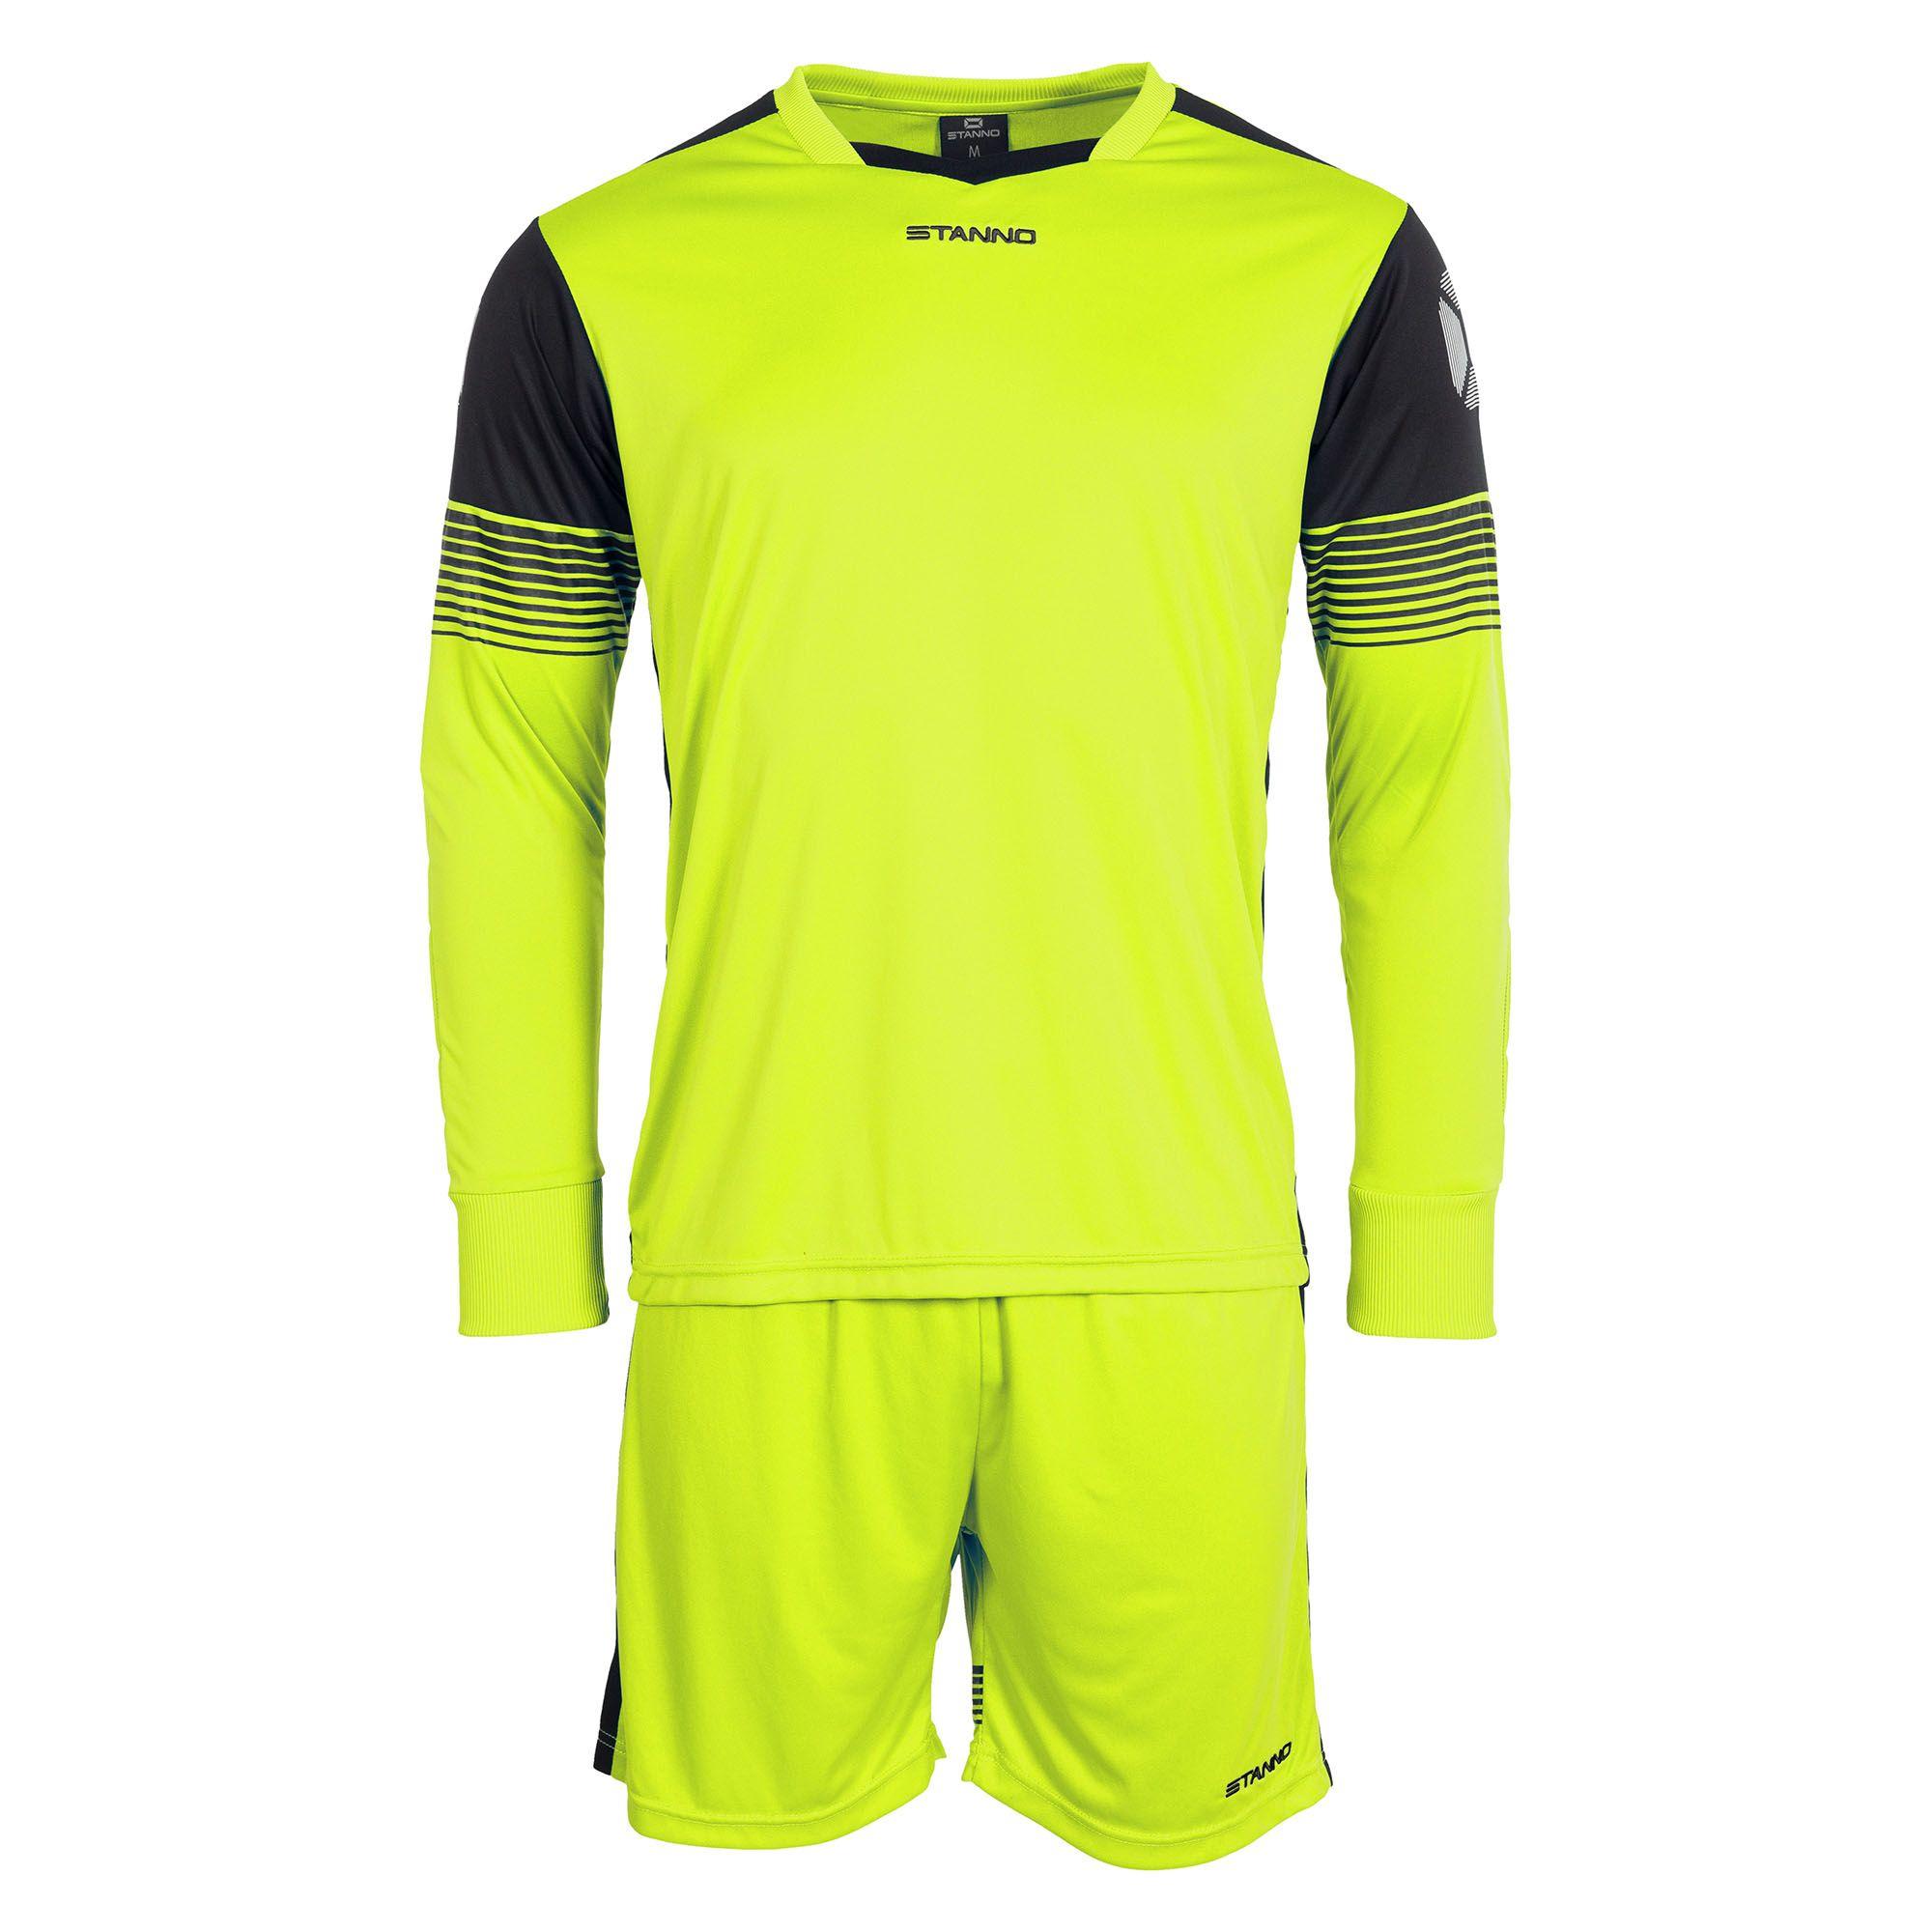 Stanno Goalkeeper